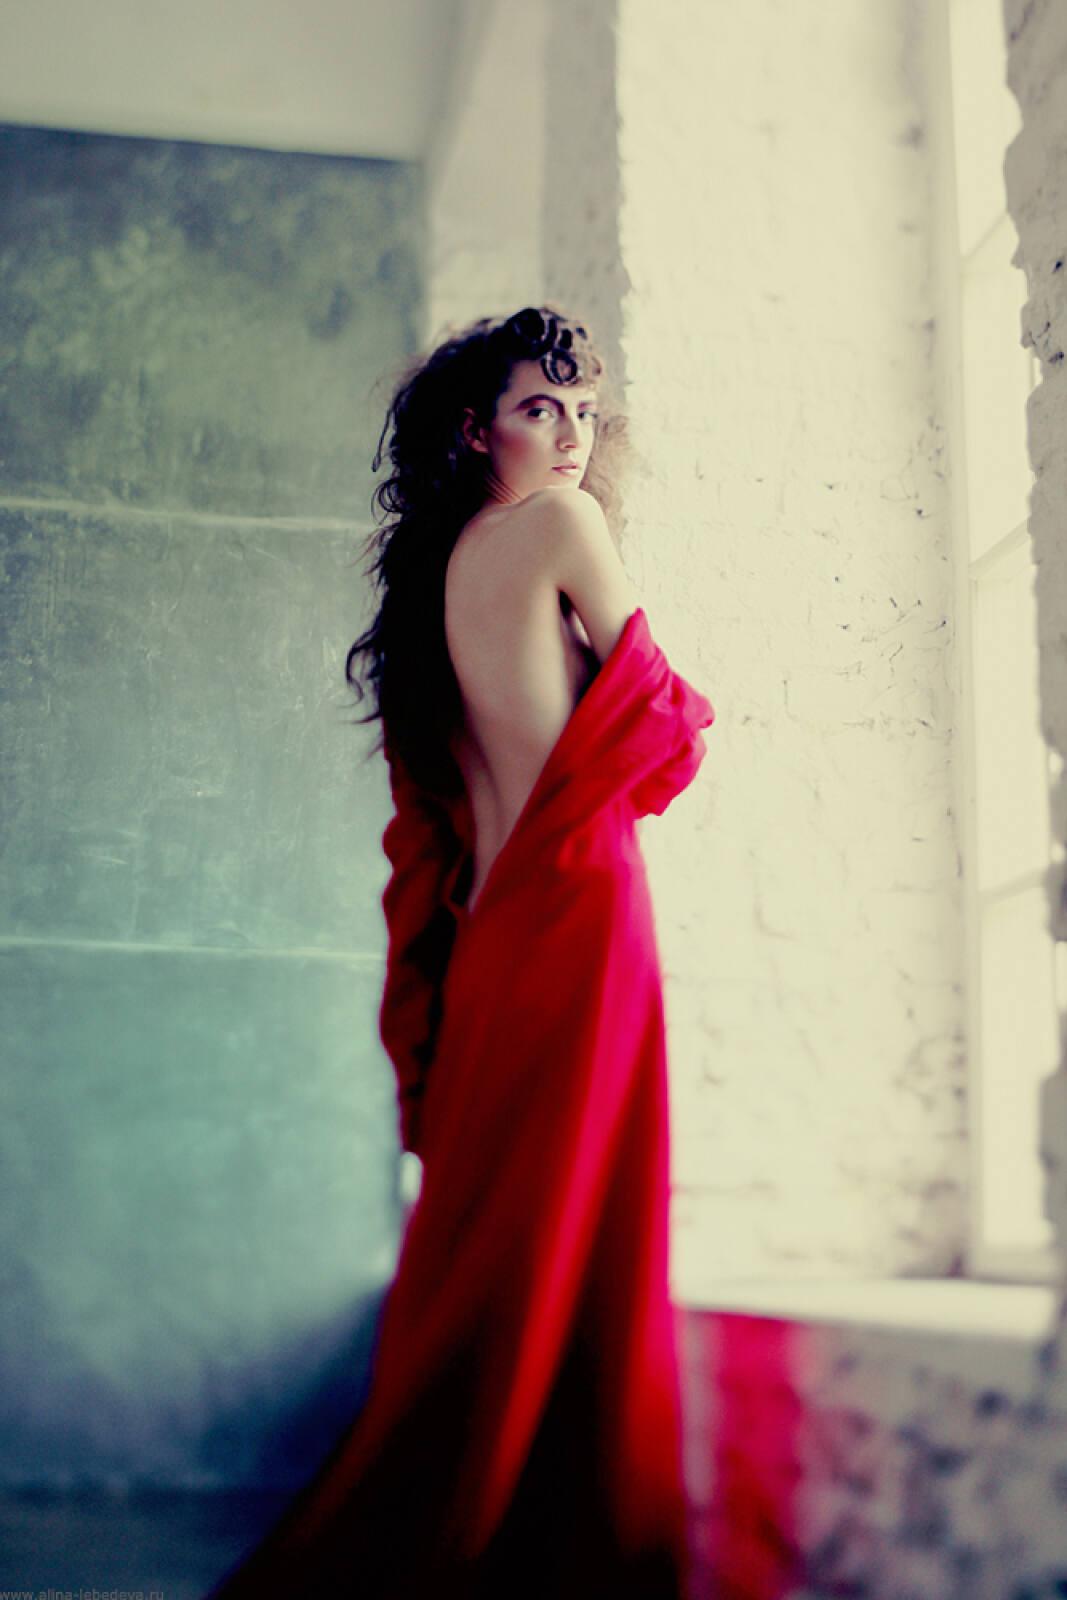 Irina berezina by alina lebedeva nudes (96 photos), Fappening Celebrity image